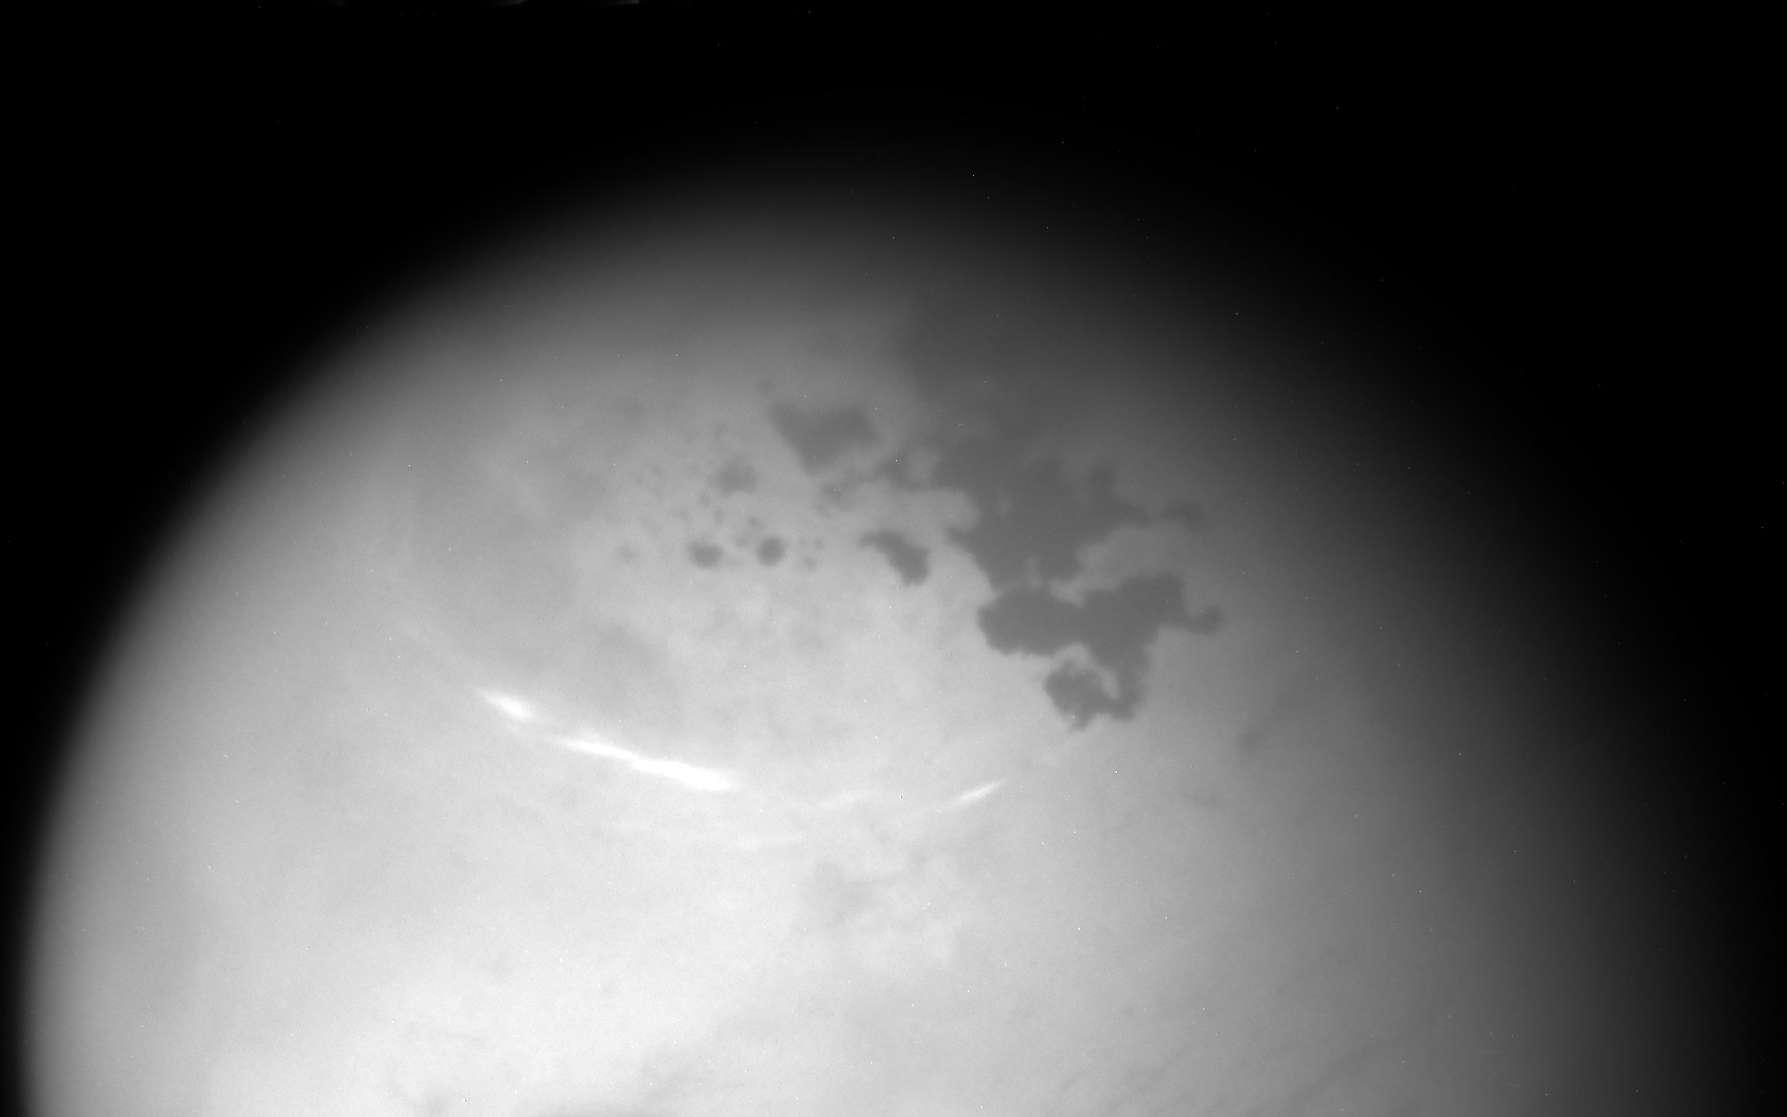 À mesure que nos connaissances de Titan s'approfondissent, ce satellite de Saturne fascine de plus en plus. © Nasa, JPL, Caltech, SSI